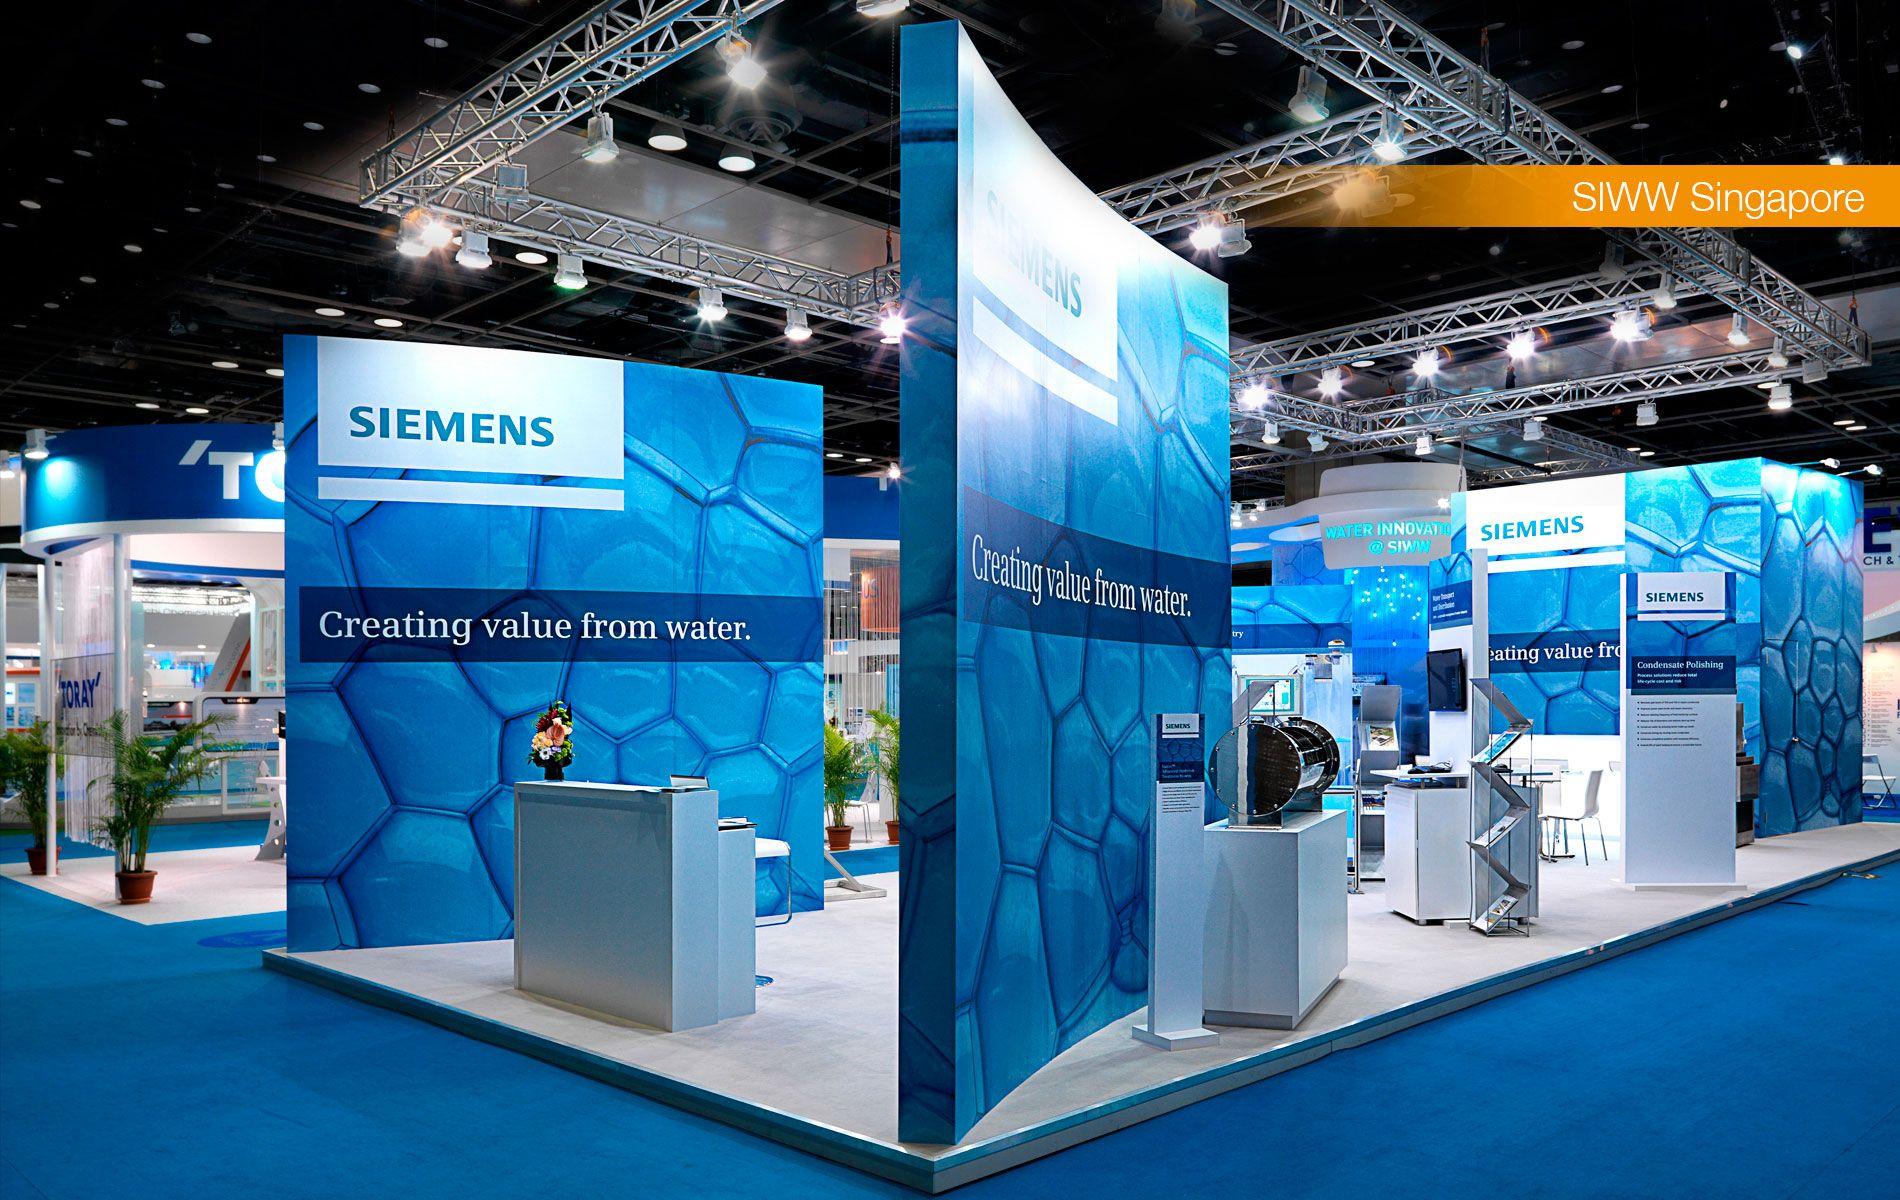 Exhibition A Booth : Siemens booth design google 검색 exhibit